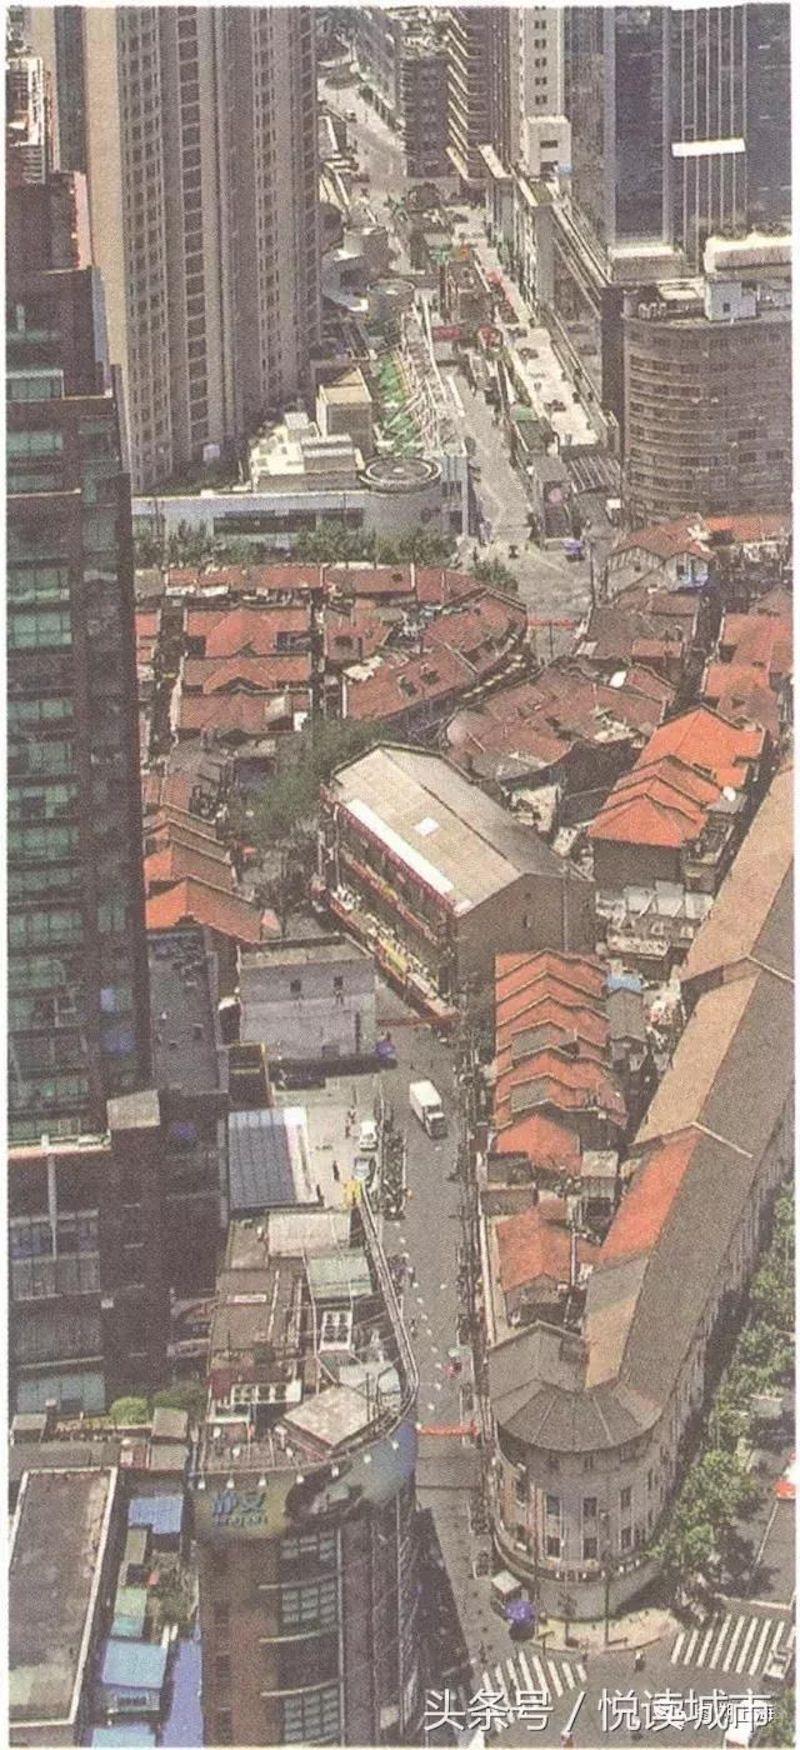 Вид на Уцзян Лу с высоты в 1990-е годы. Источник: